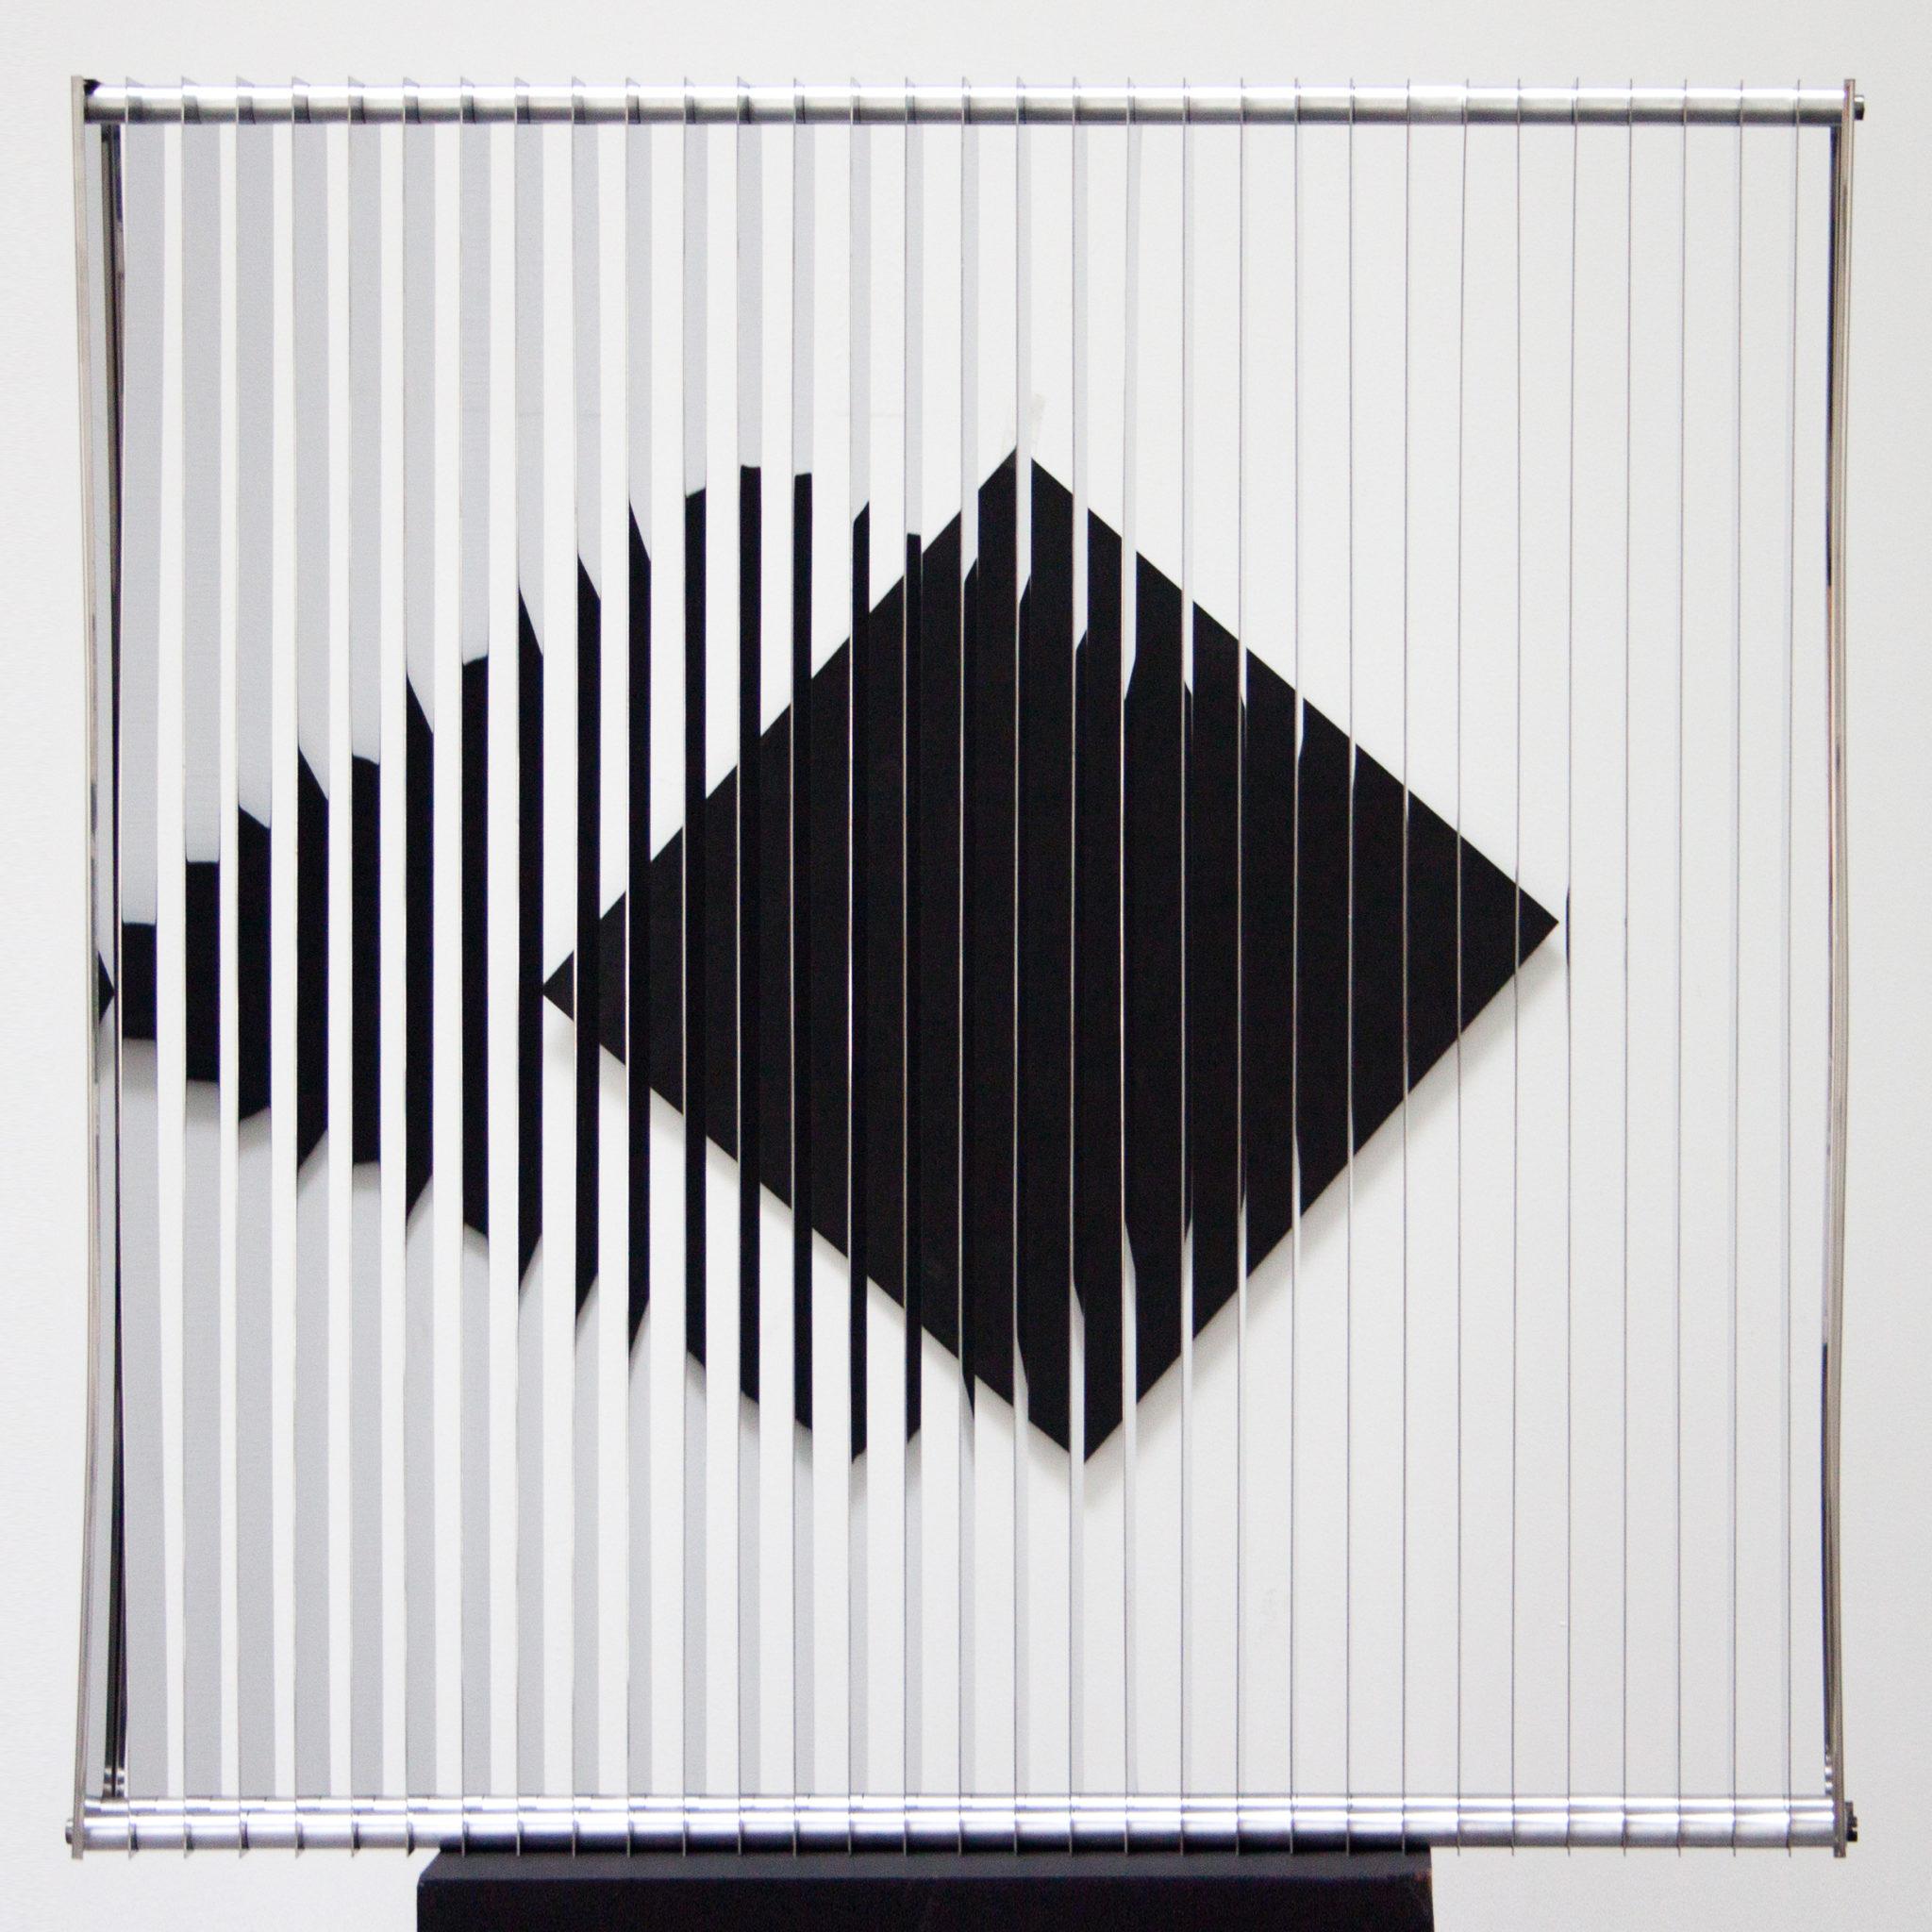 JULIO LE PARC, courtesy Galerie Perrotin, Paris